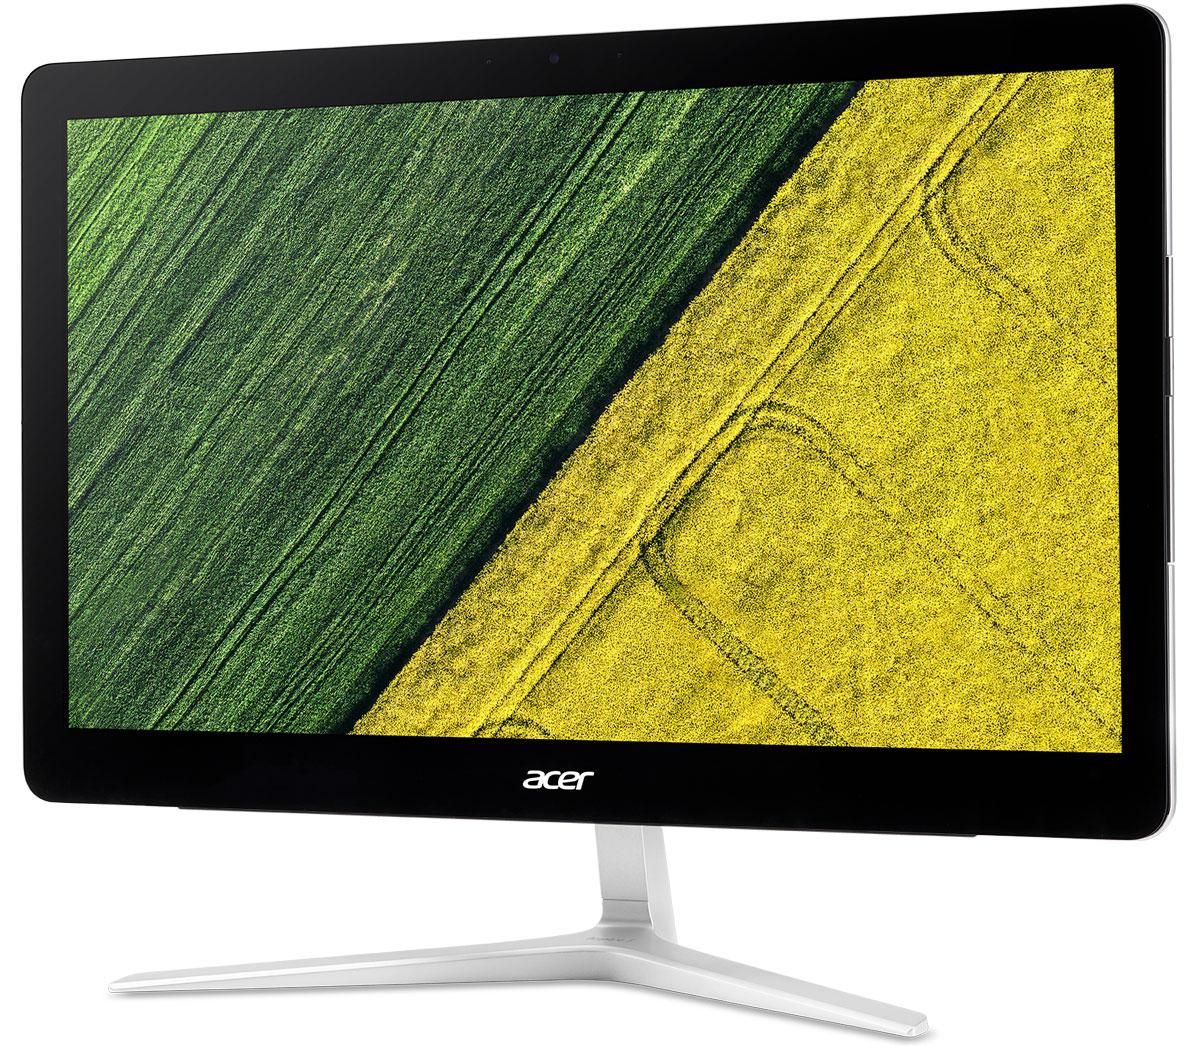 Acer Aspire Z24-880, Silver моноблок (DQ.B8VER.012) - Настольные компьютеры и моноблоки